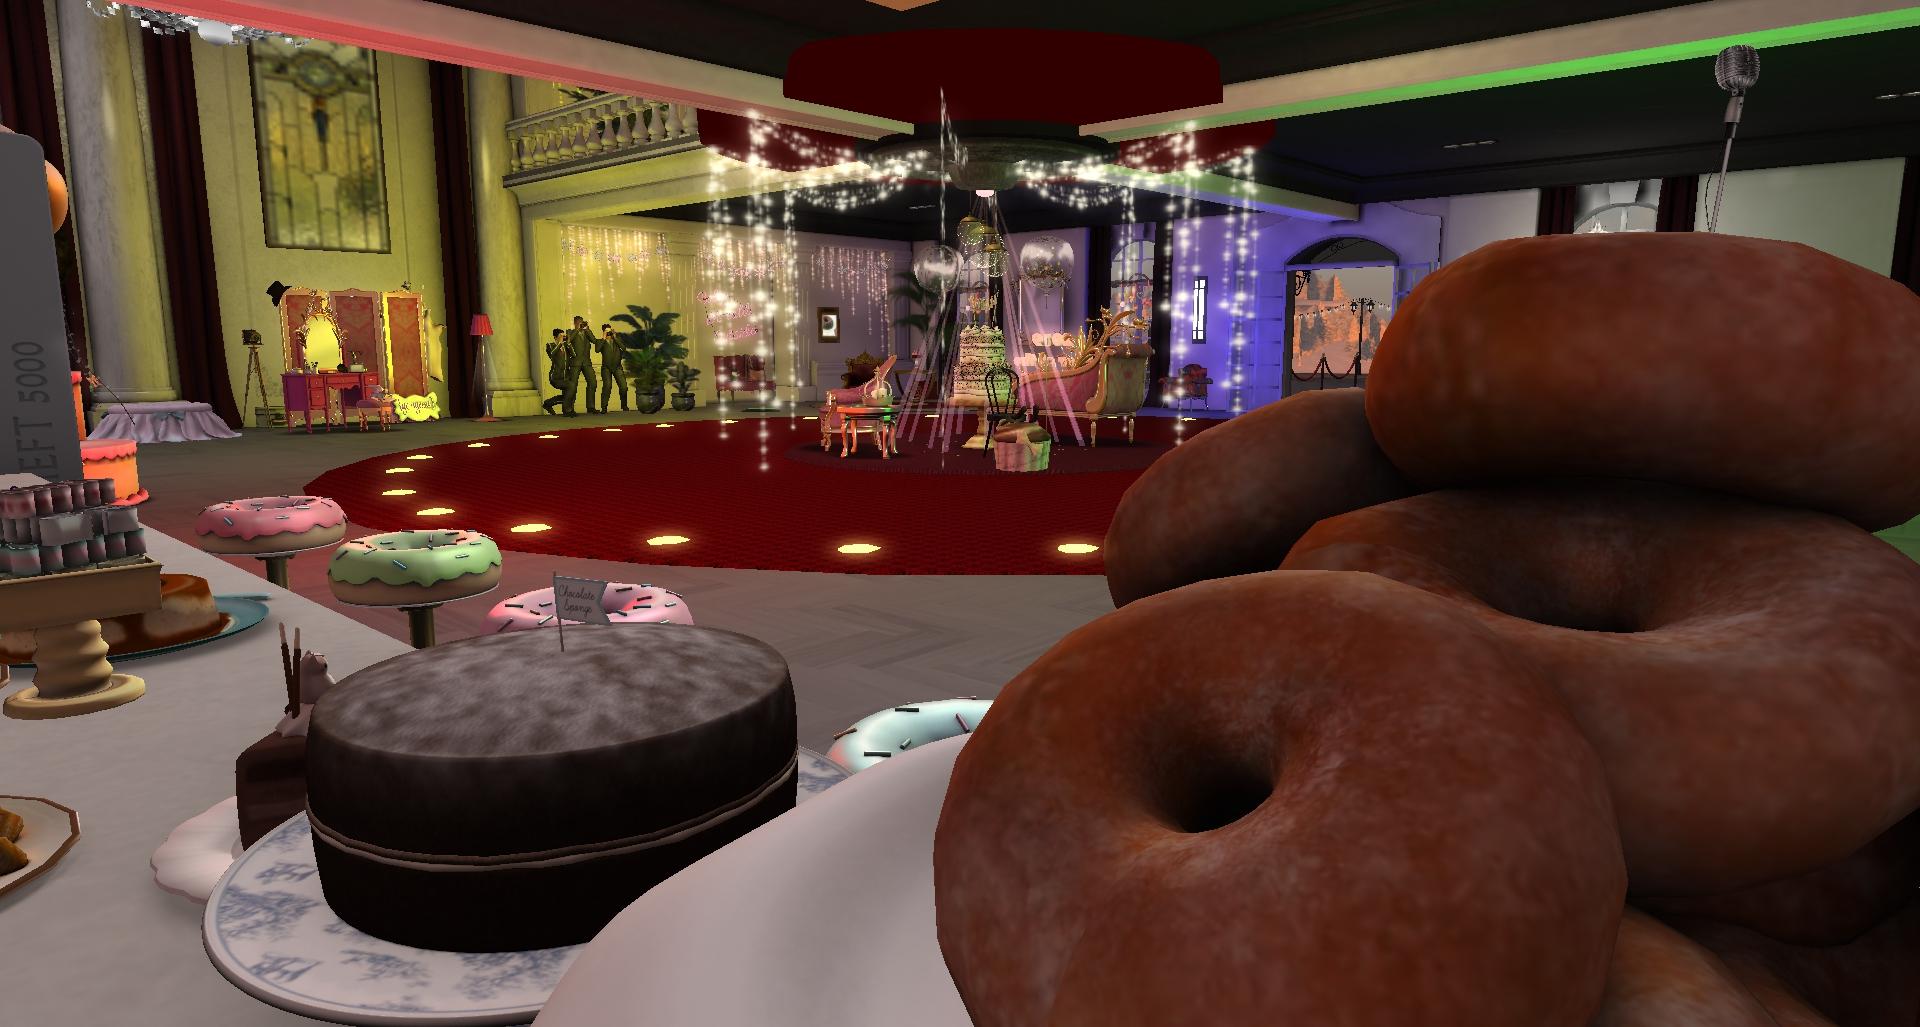 Patisserie Counter donuts - Jan 2019_001.jpg